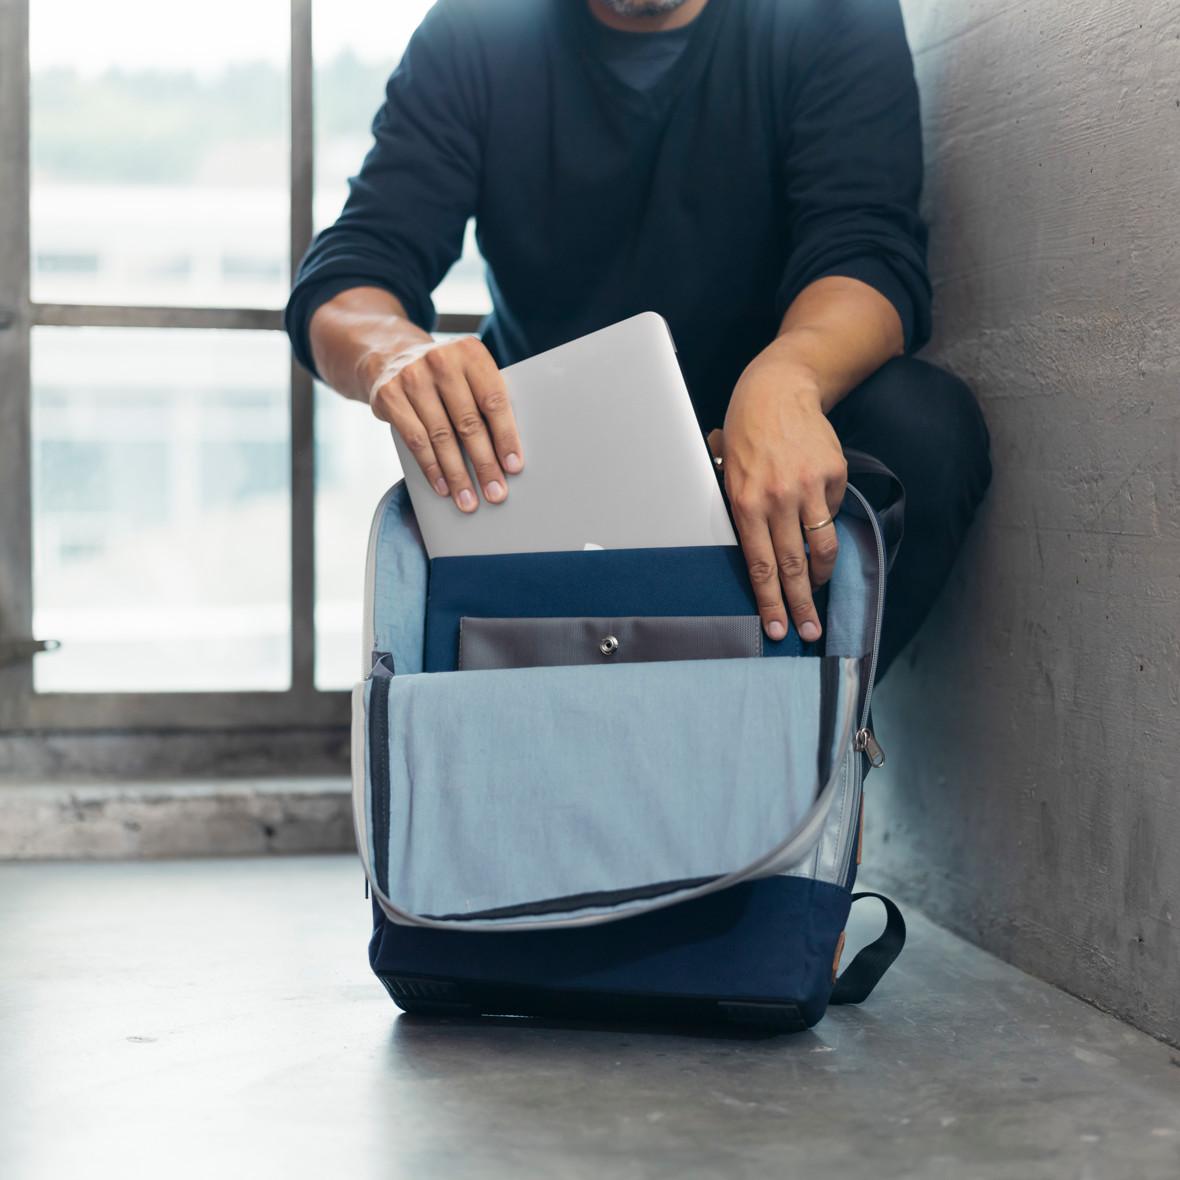 Mann mit Rucksack der Collection Bundesordner, Marke Biella